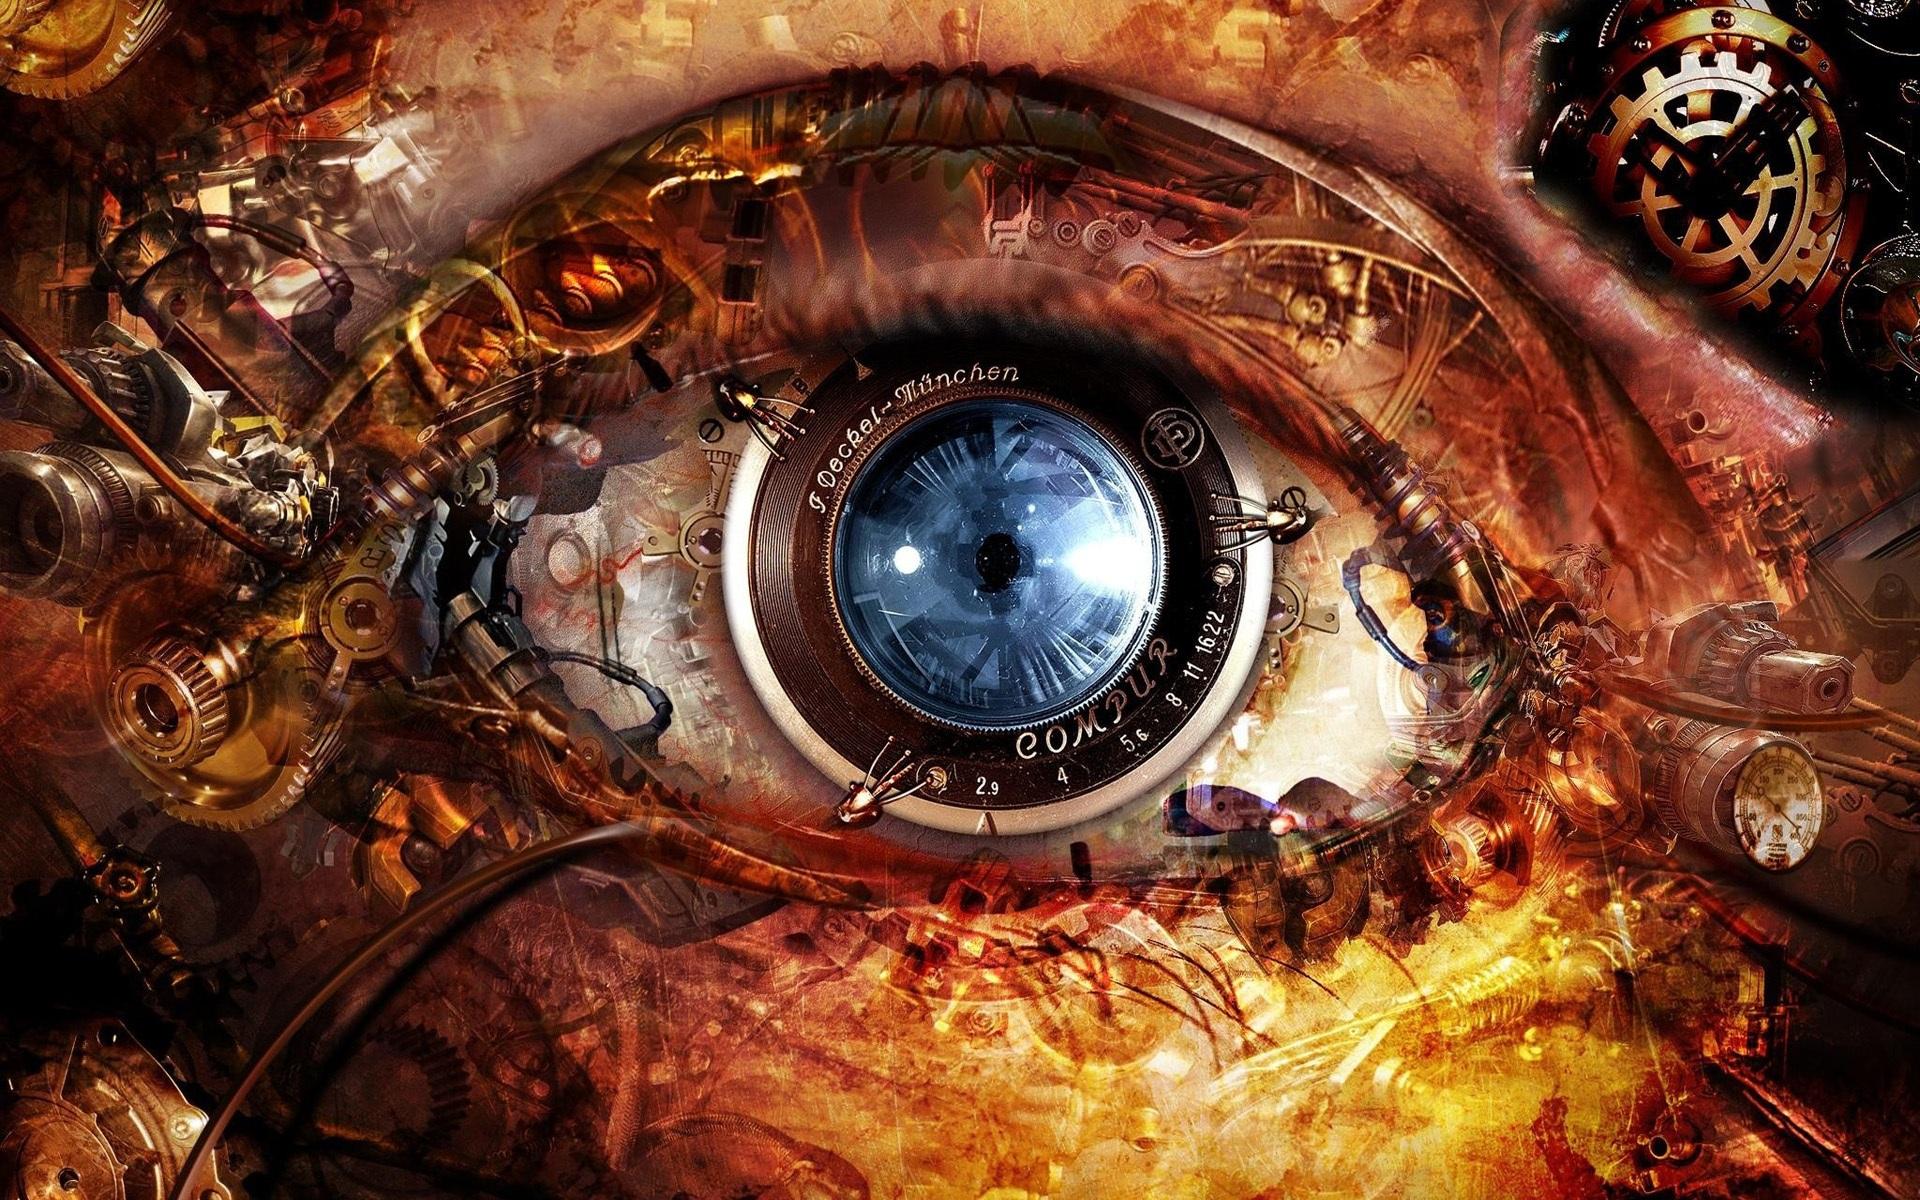 eye camera wallpaper 1920x1200 resolution wallpaper